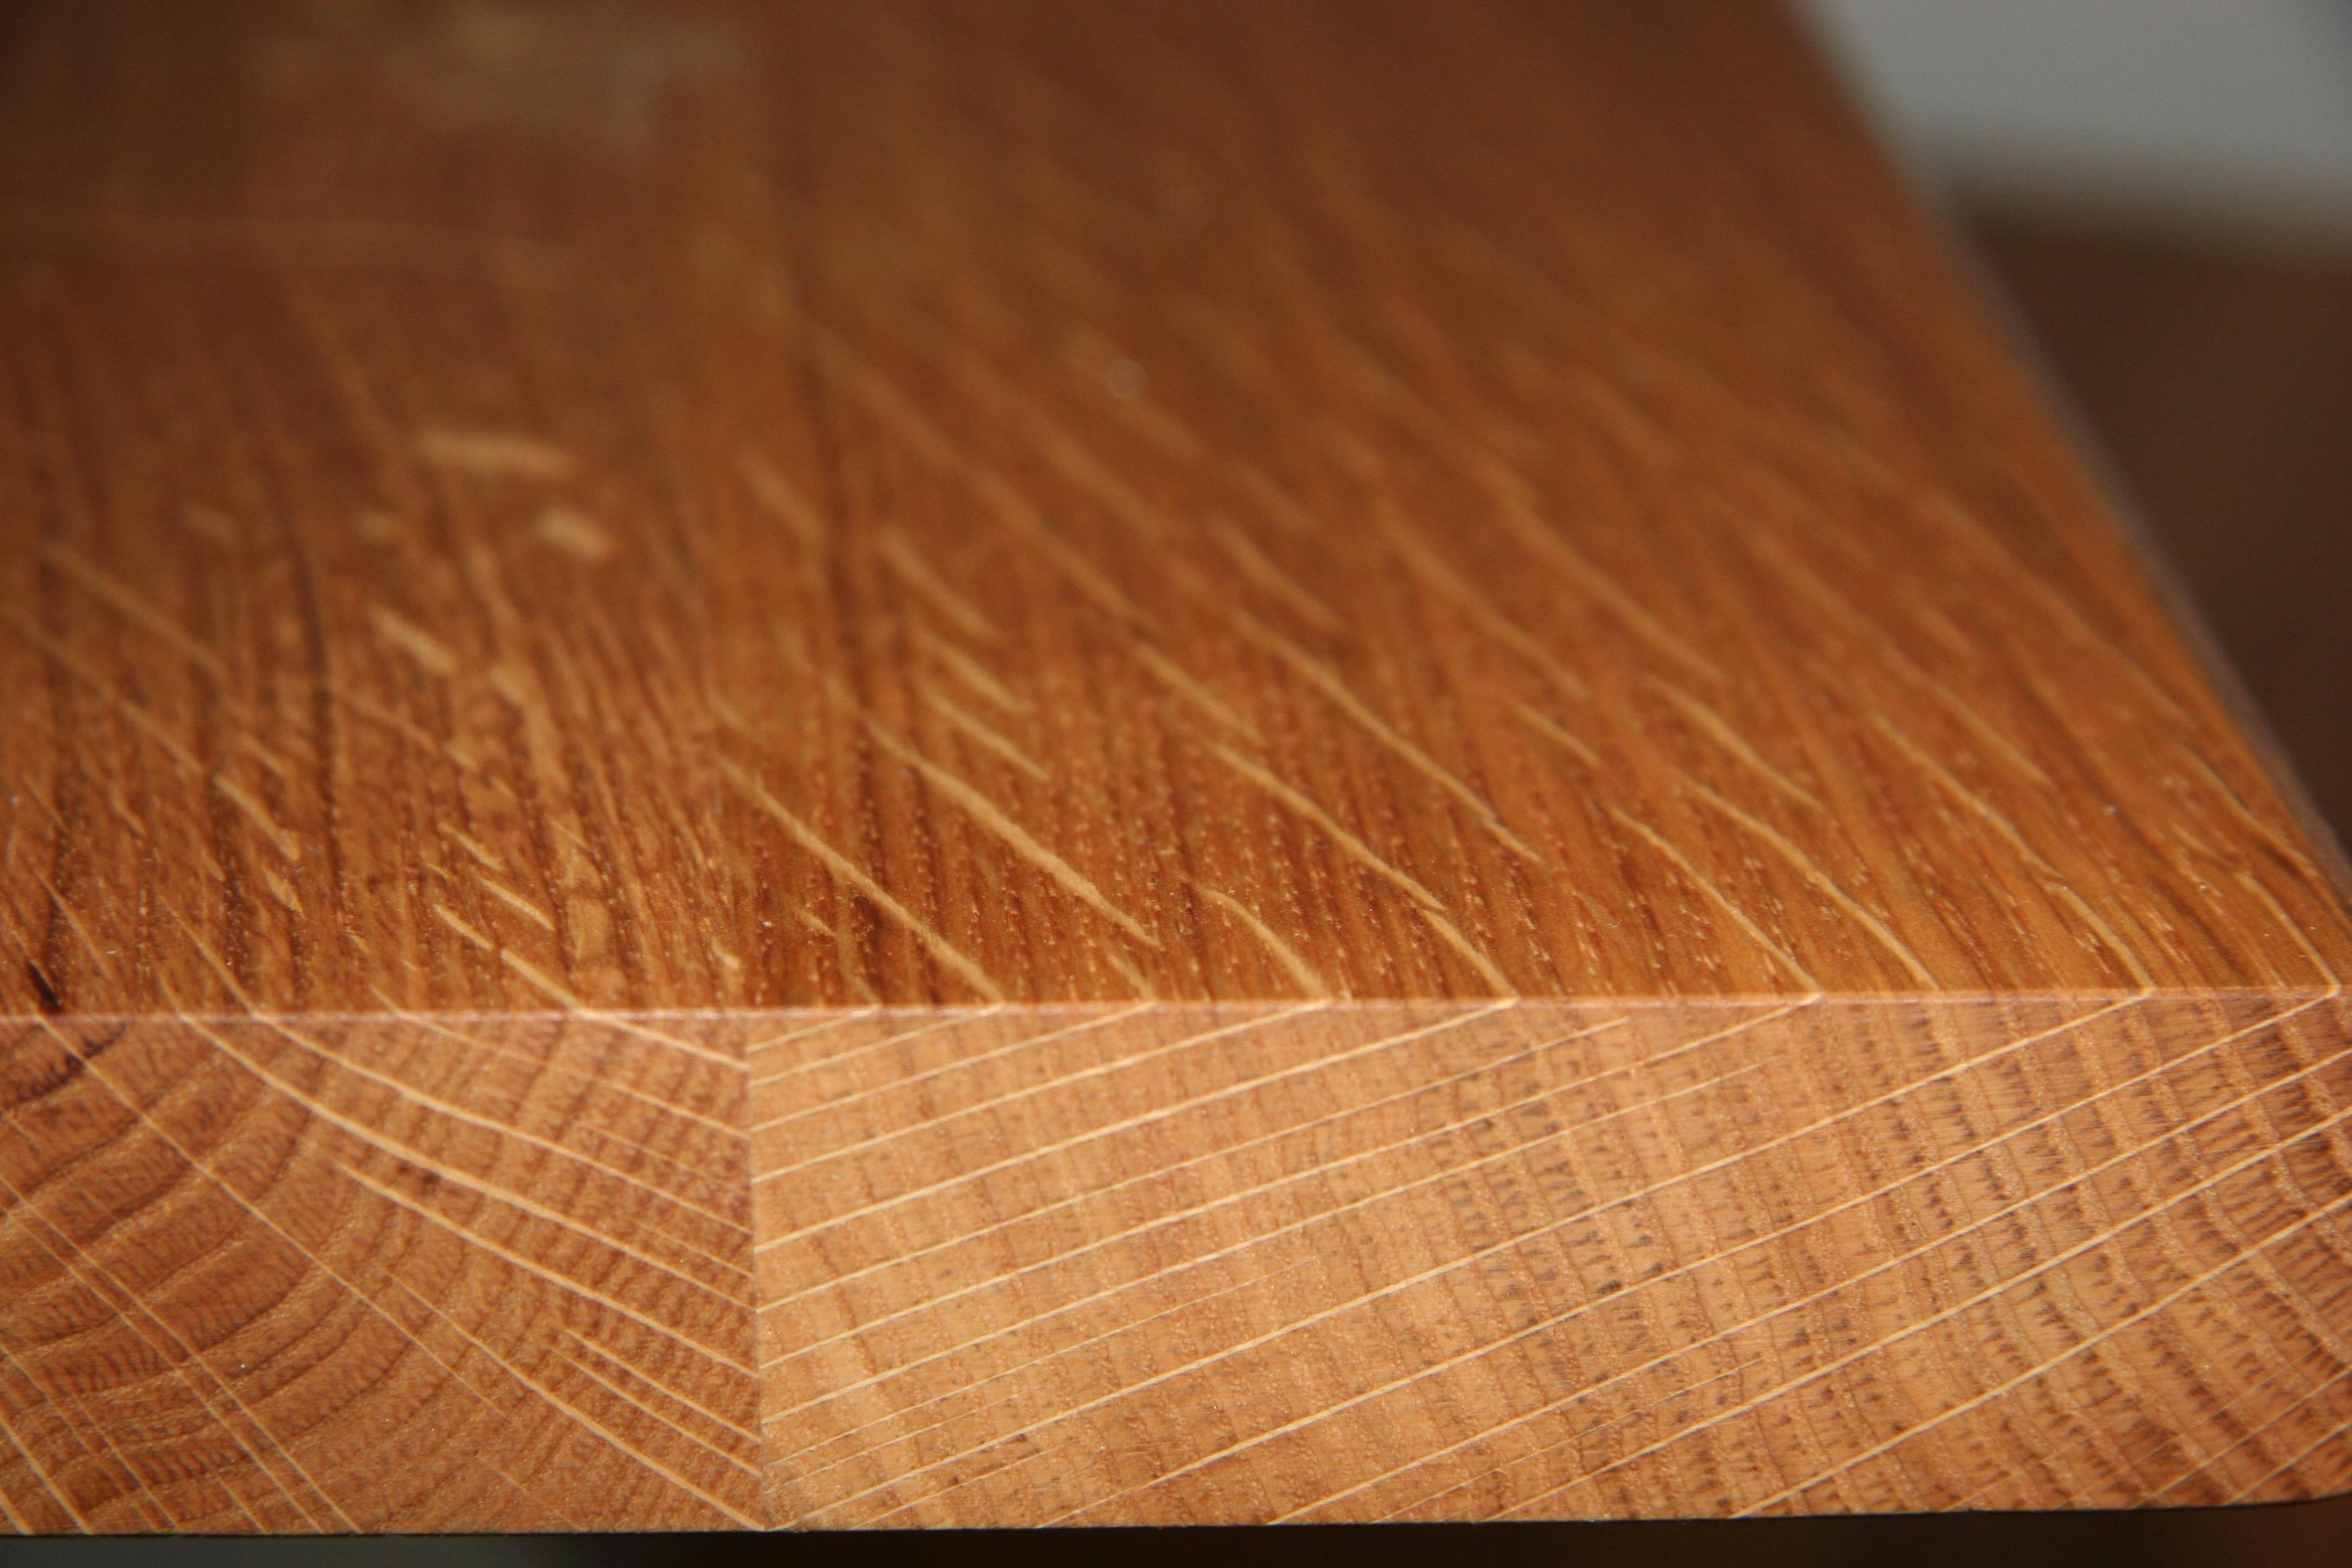 madera piso natural marrn superficie madera dura piso madera muestras de madera suelos de madera